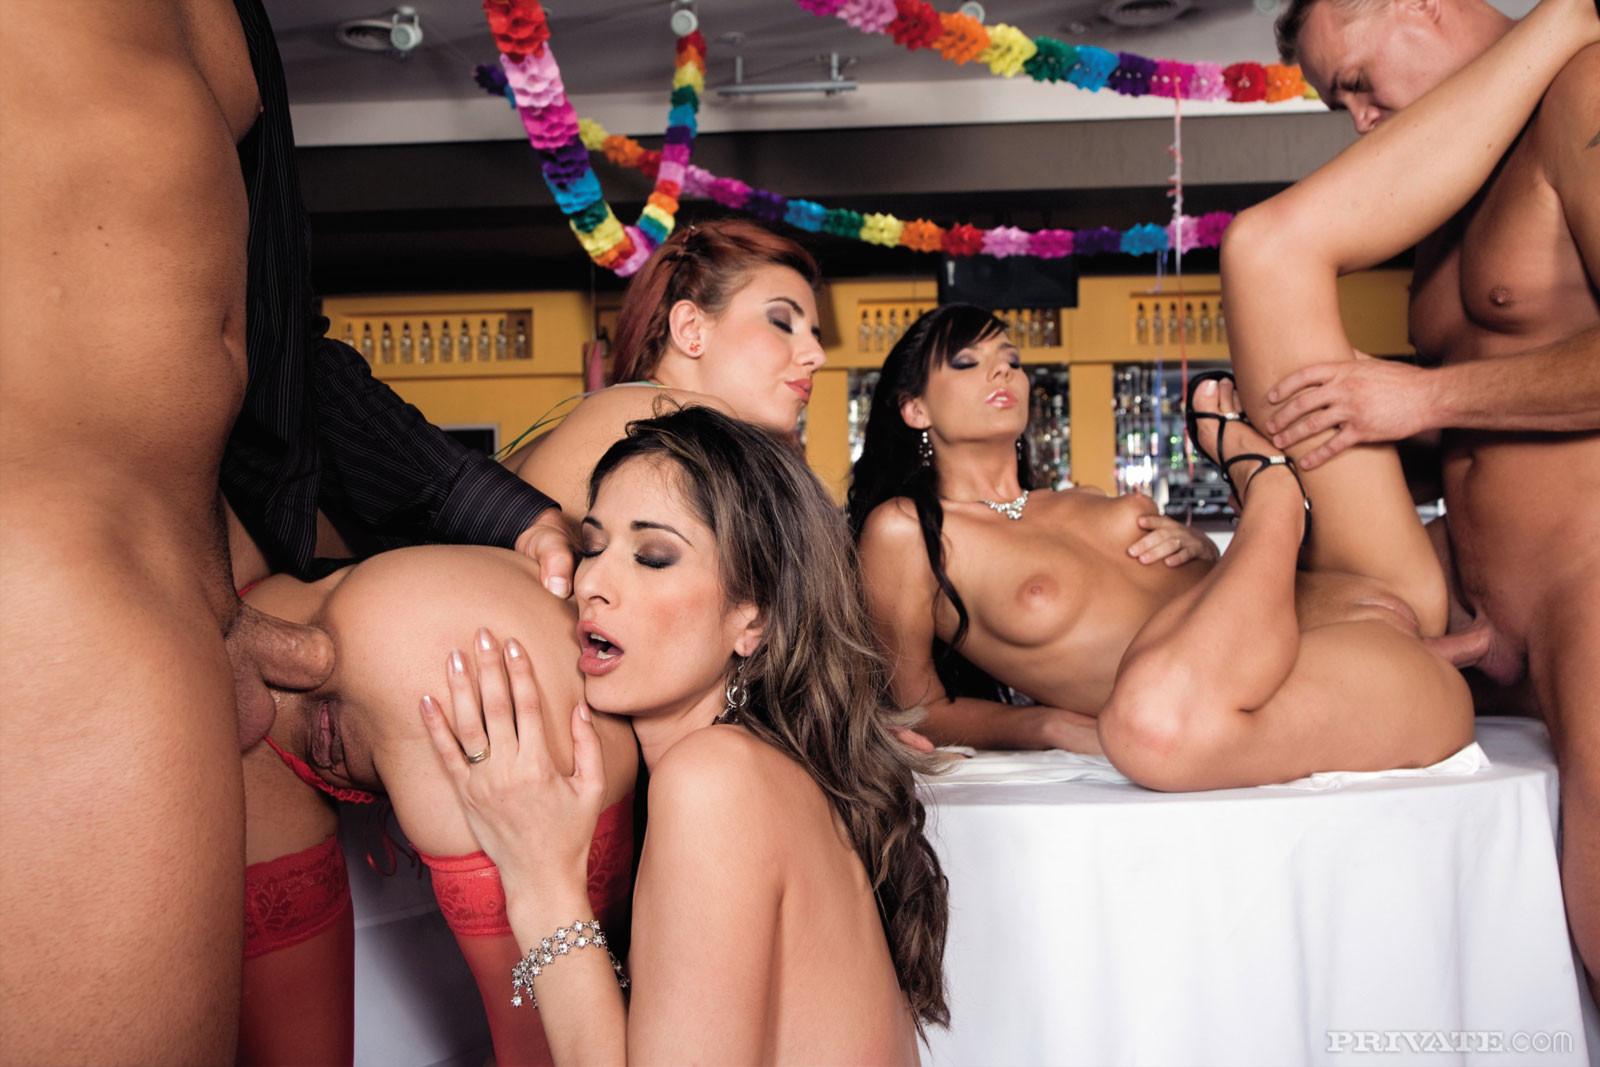 обо ебля вечеринка смотреть онлайн может